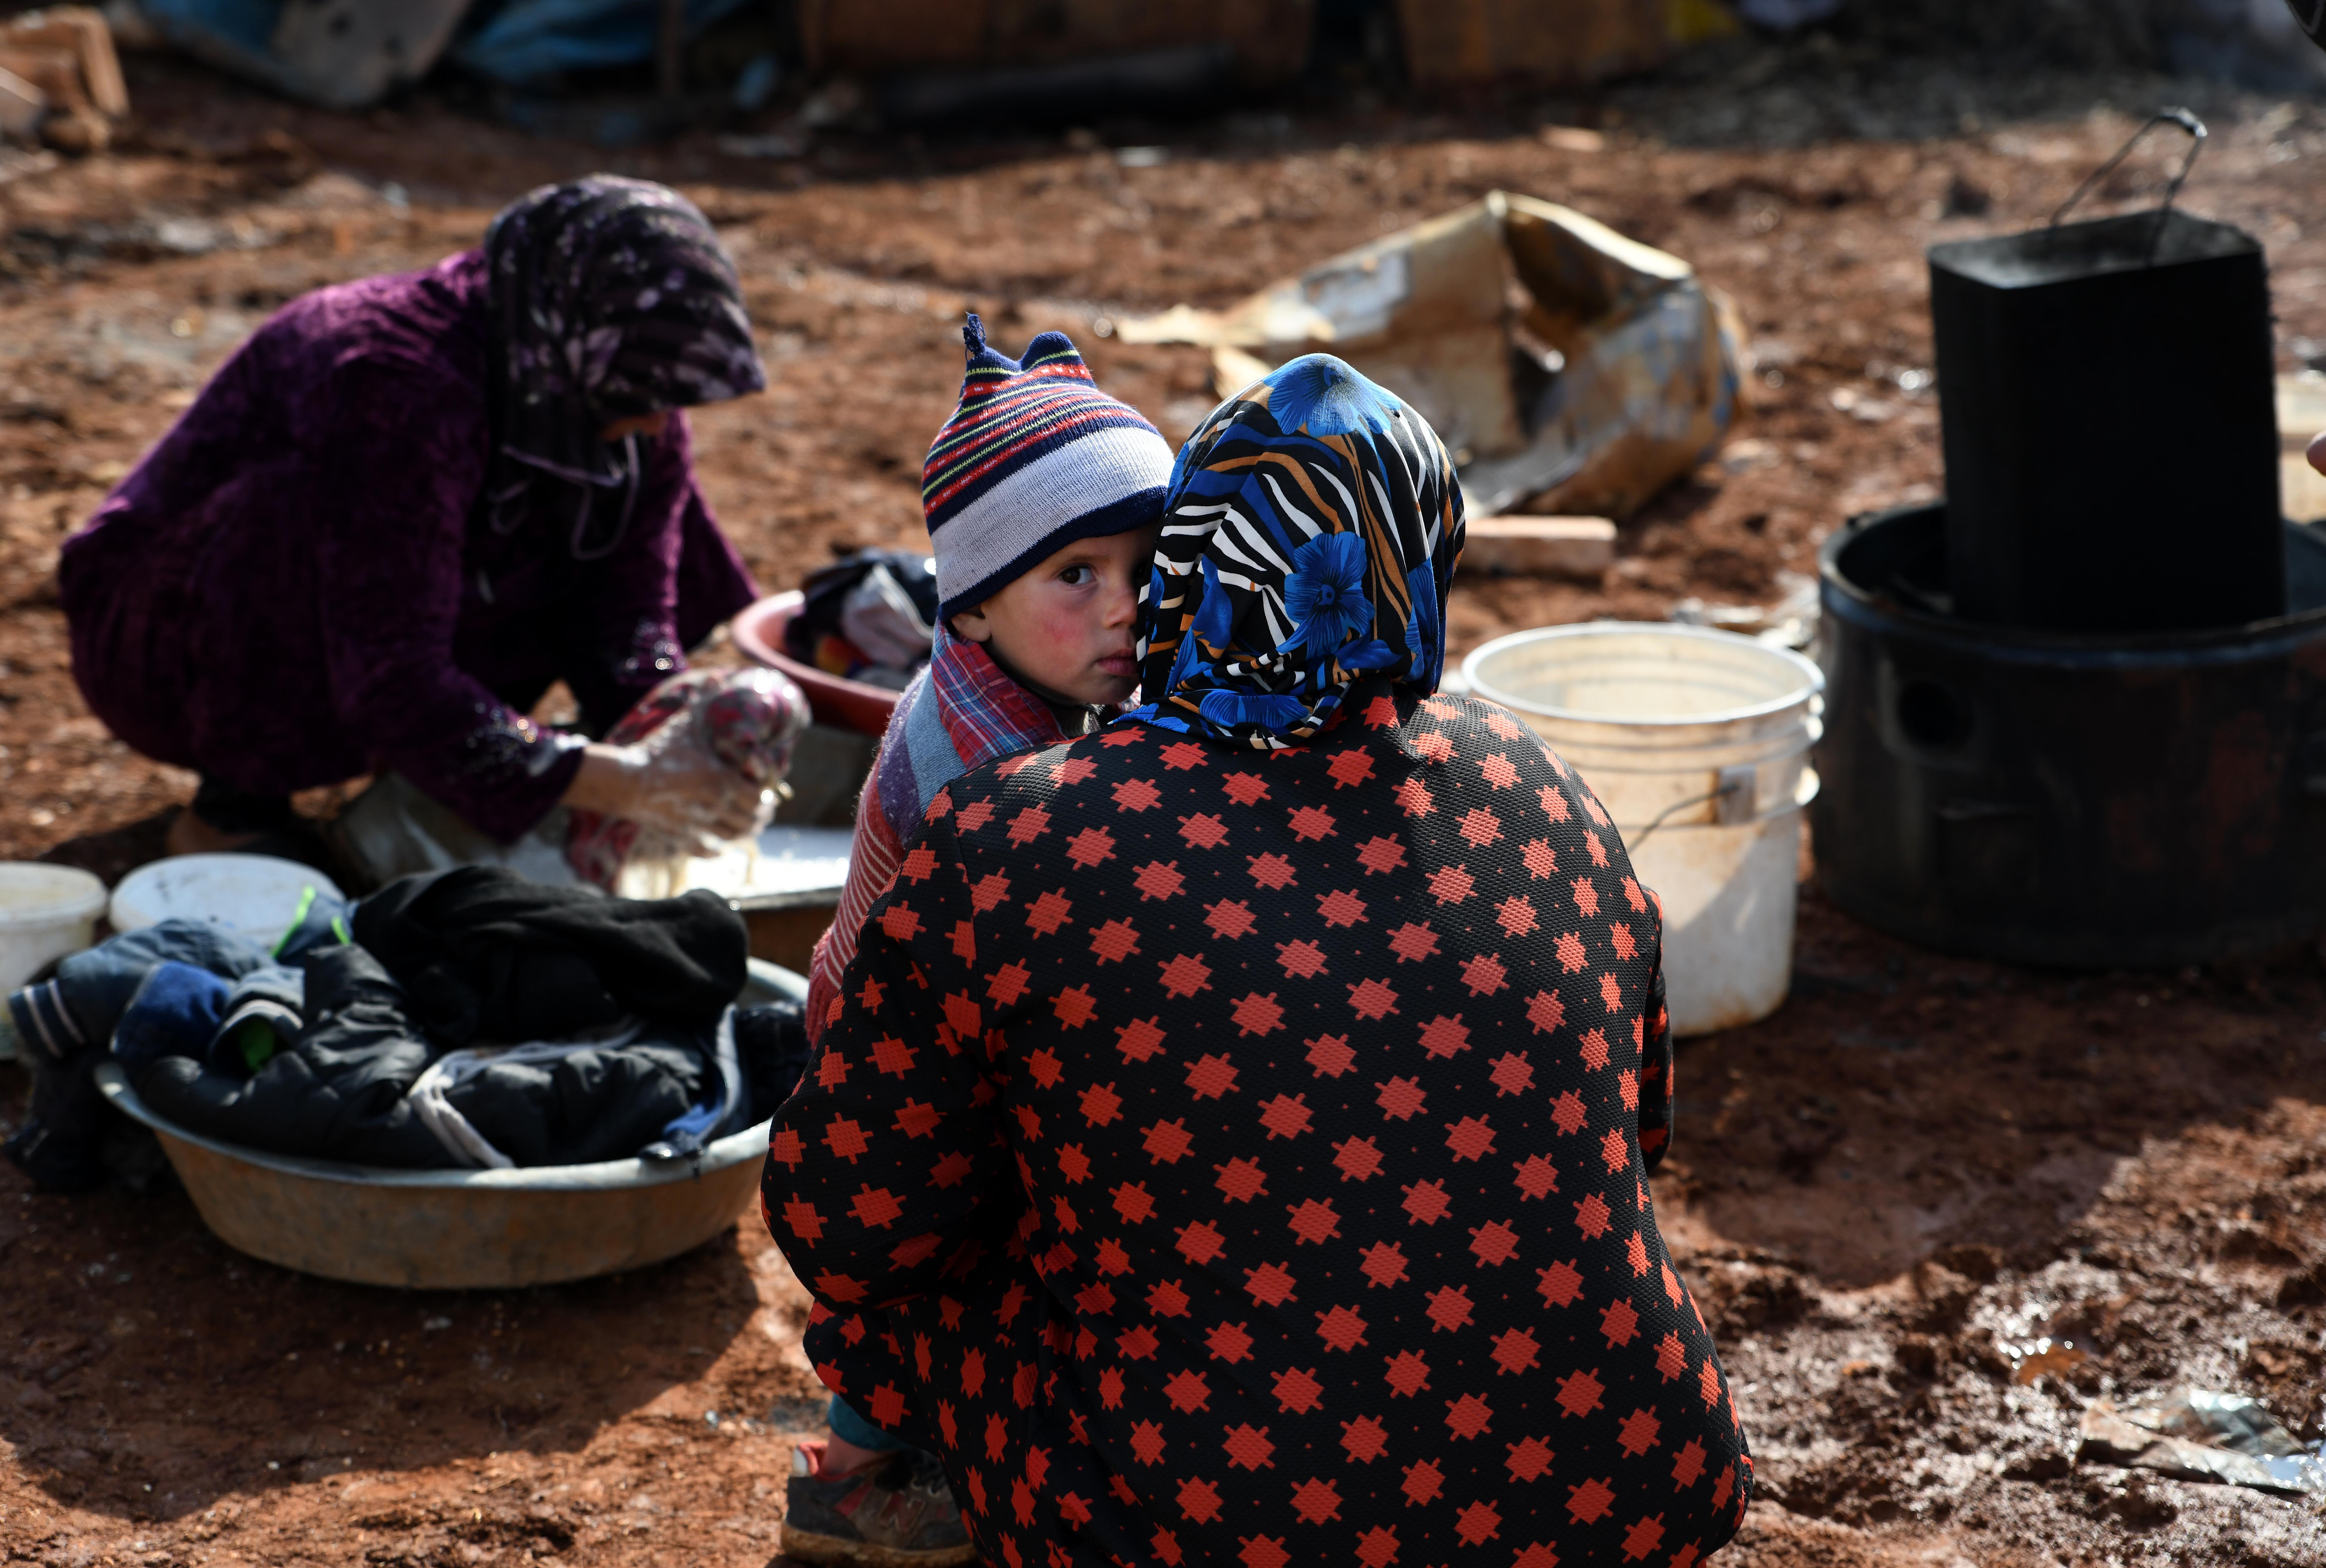 الصقيع يلاحق النازحين من ويلات الحرب في سوريا